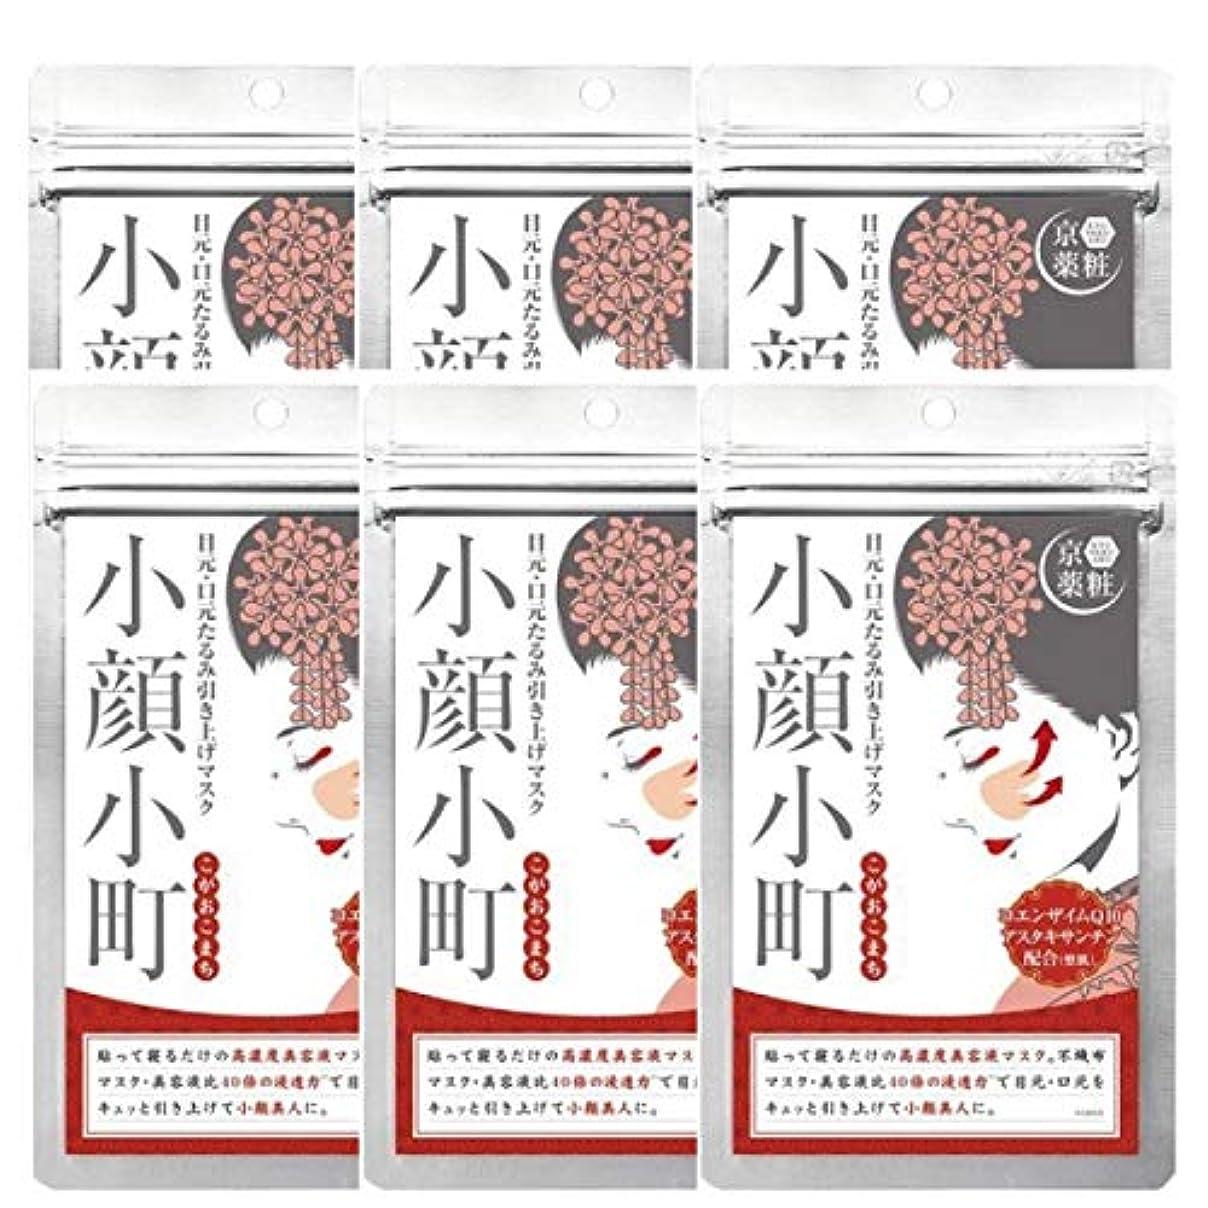 ローズアーチバウンド京薬粧 小顔小町 リフトアップマスク ×6セット